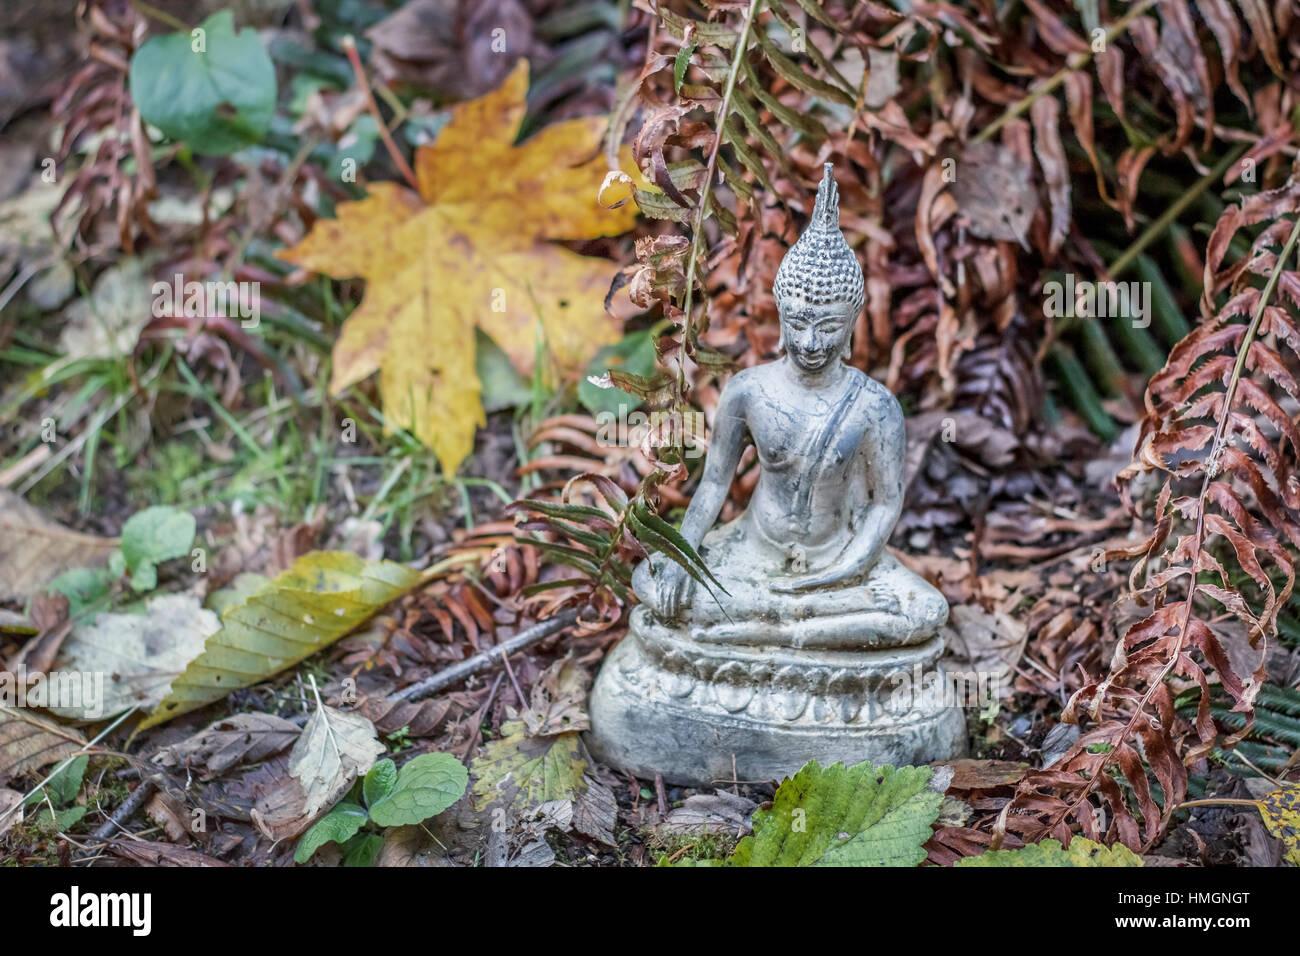 Eine Statue von Buddha sitzt in einem Garten im Herbst, umgeben von Laub und getrockneten Farnwedel. Stockbild